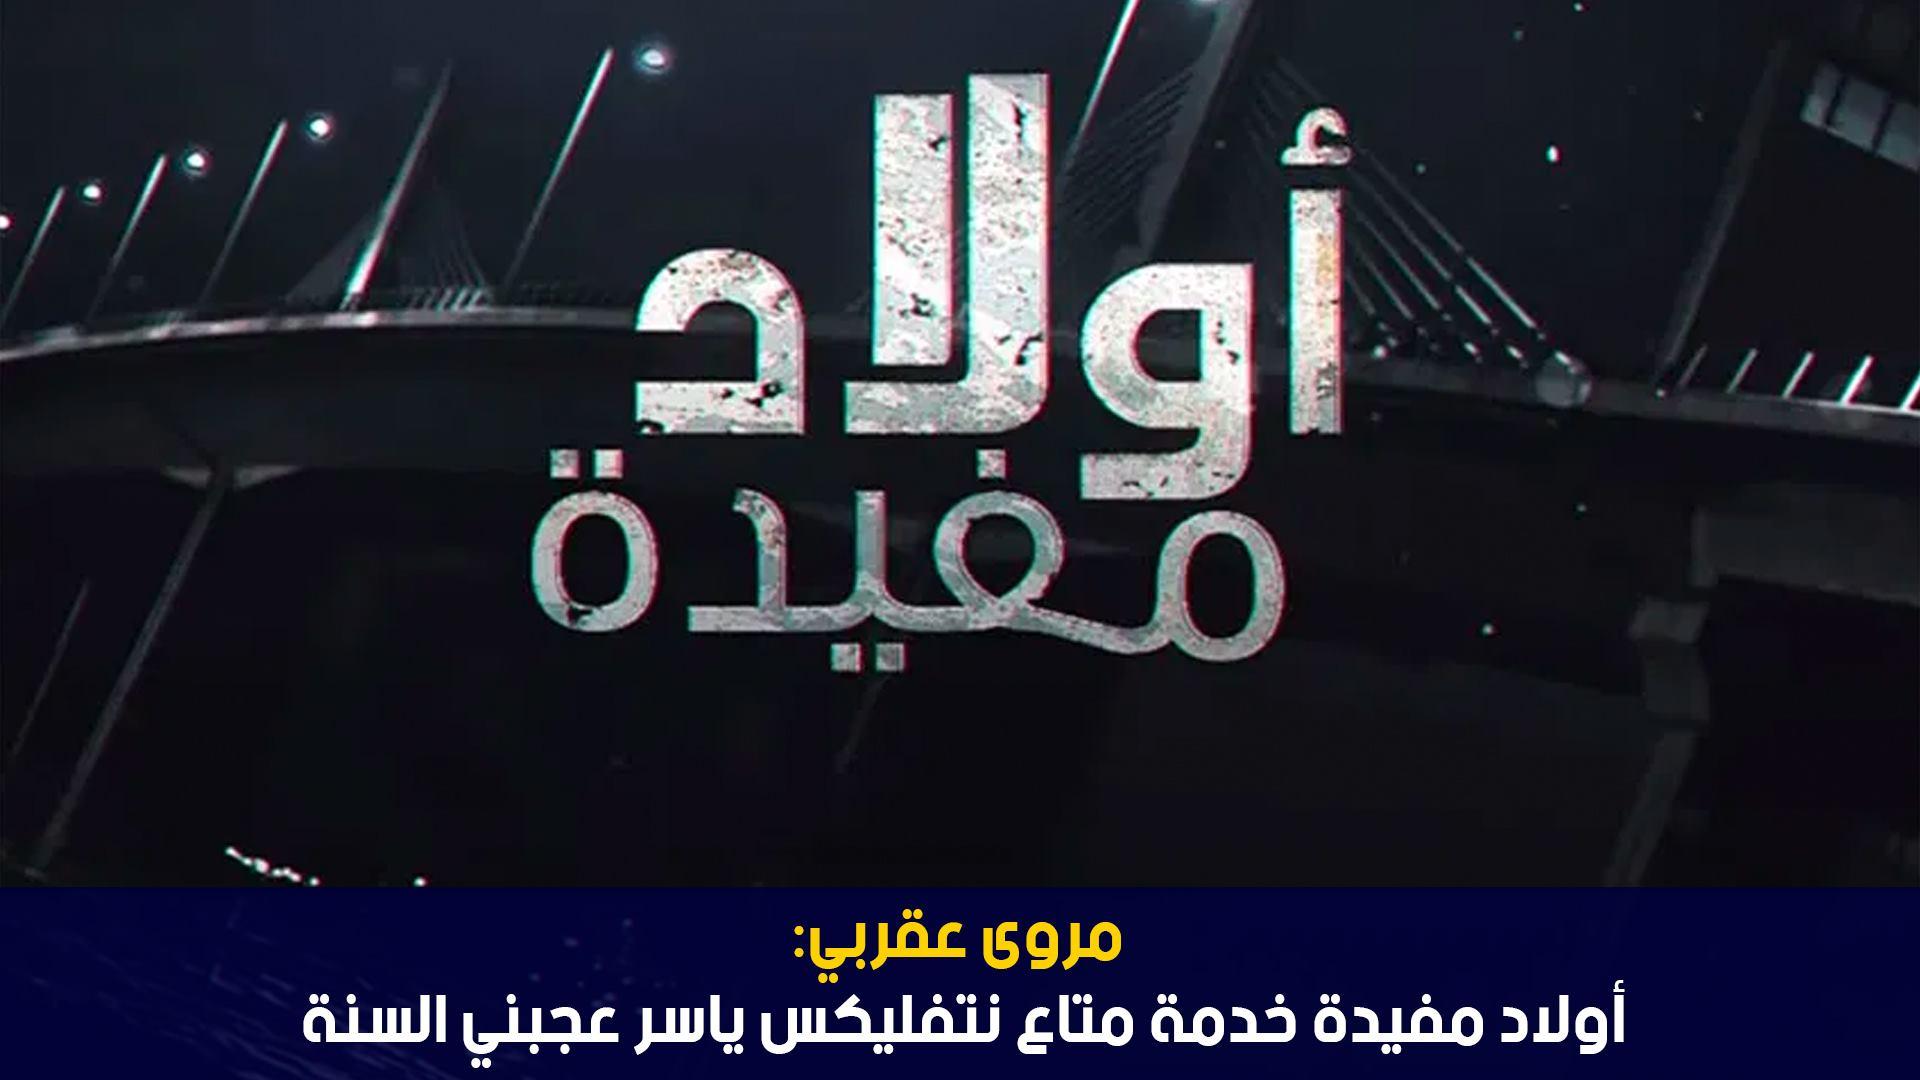 مروى العقربي:أولاد مفيدة خدمة متاع نتفليكس ياسر عجبني السنة